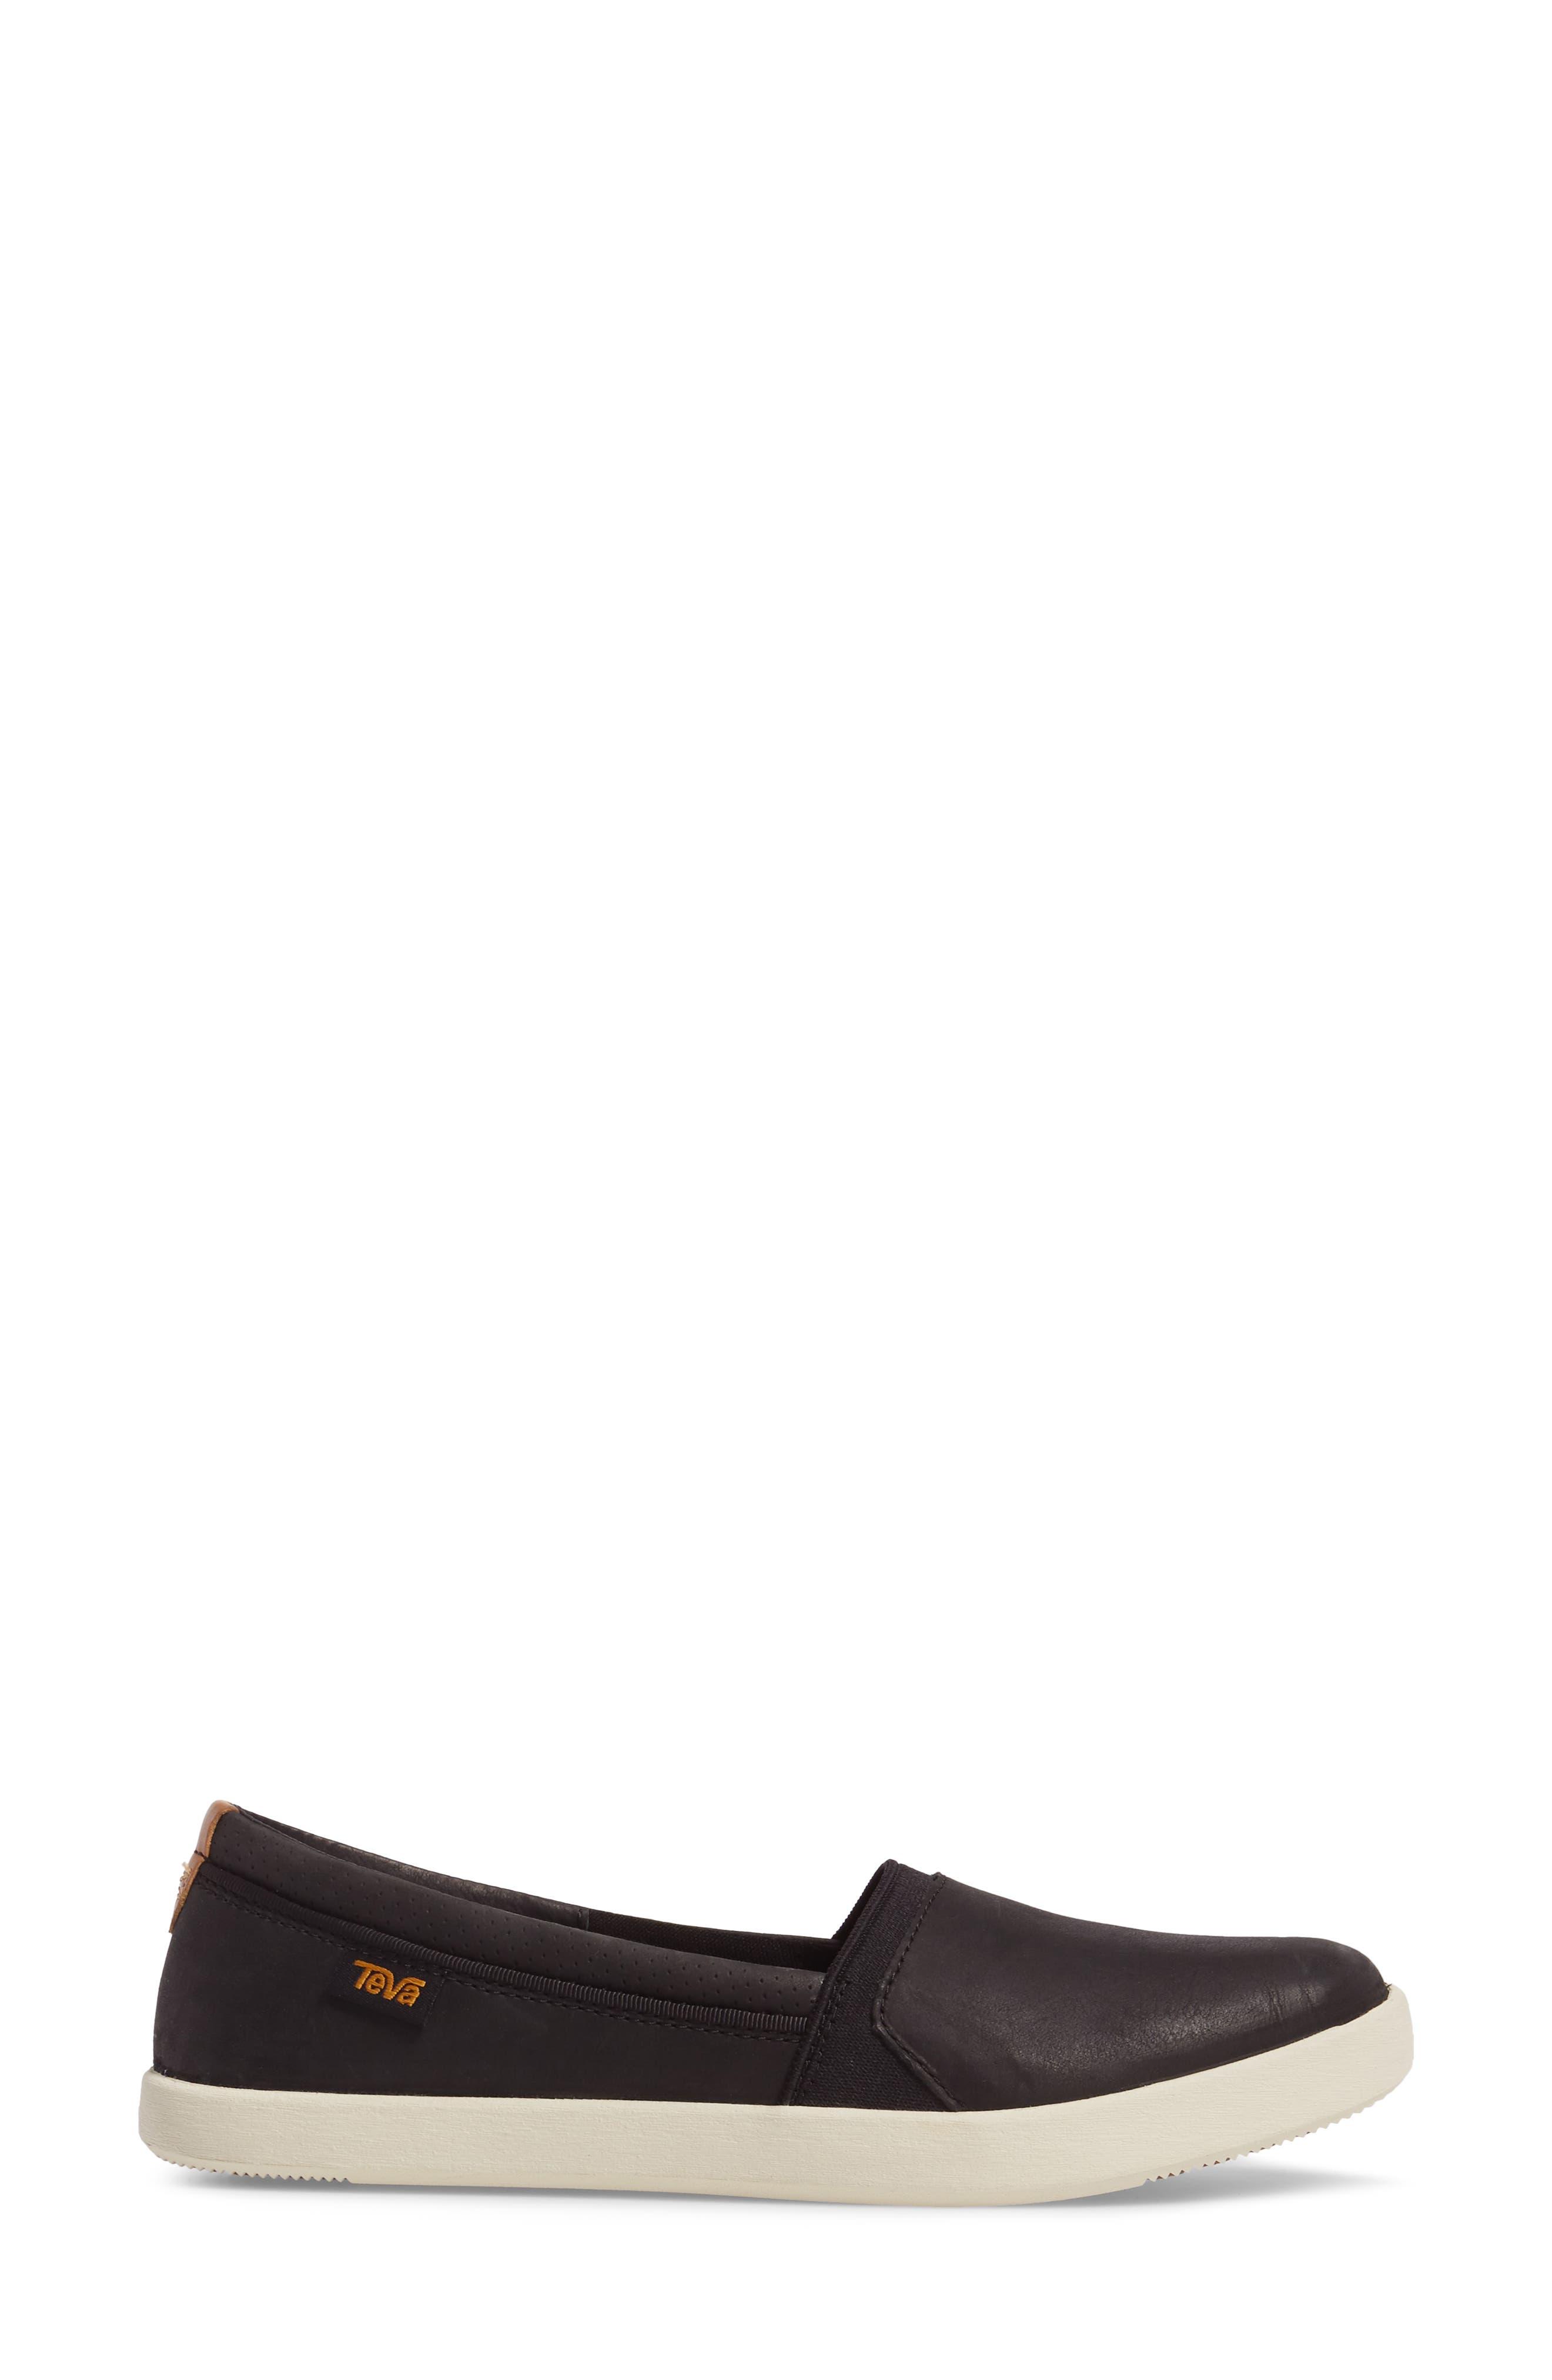 Willow Slip-On Sneaker,                             Alternate thumbnail 3, color,                             001